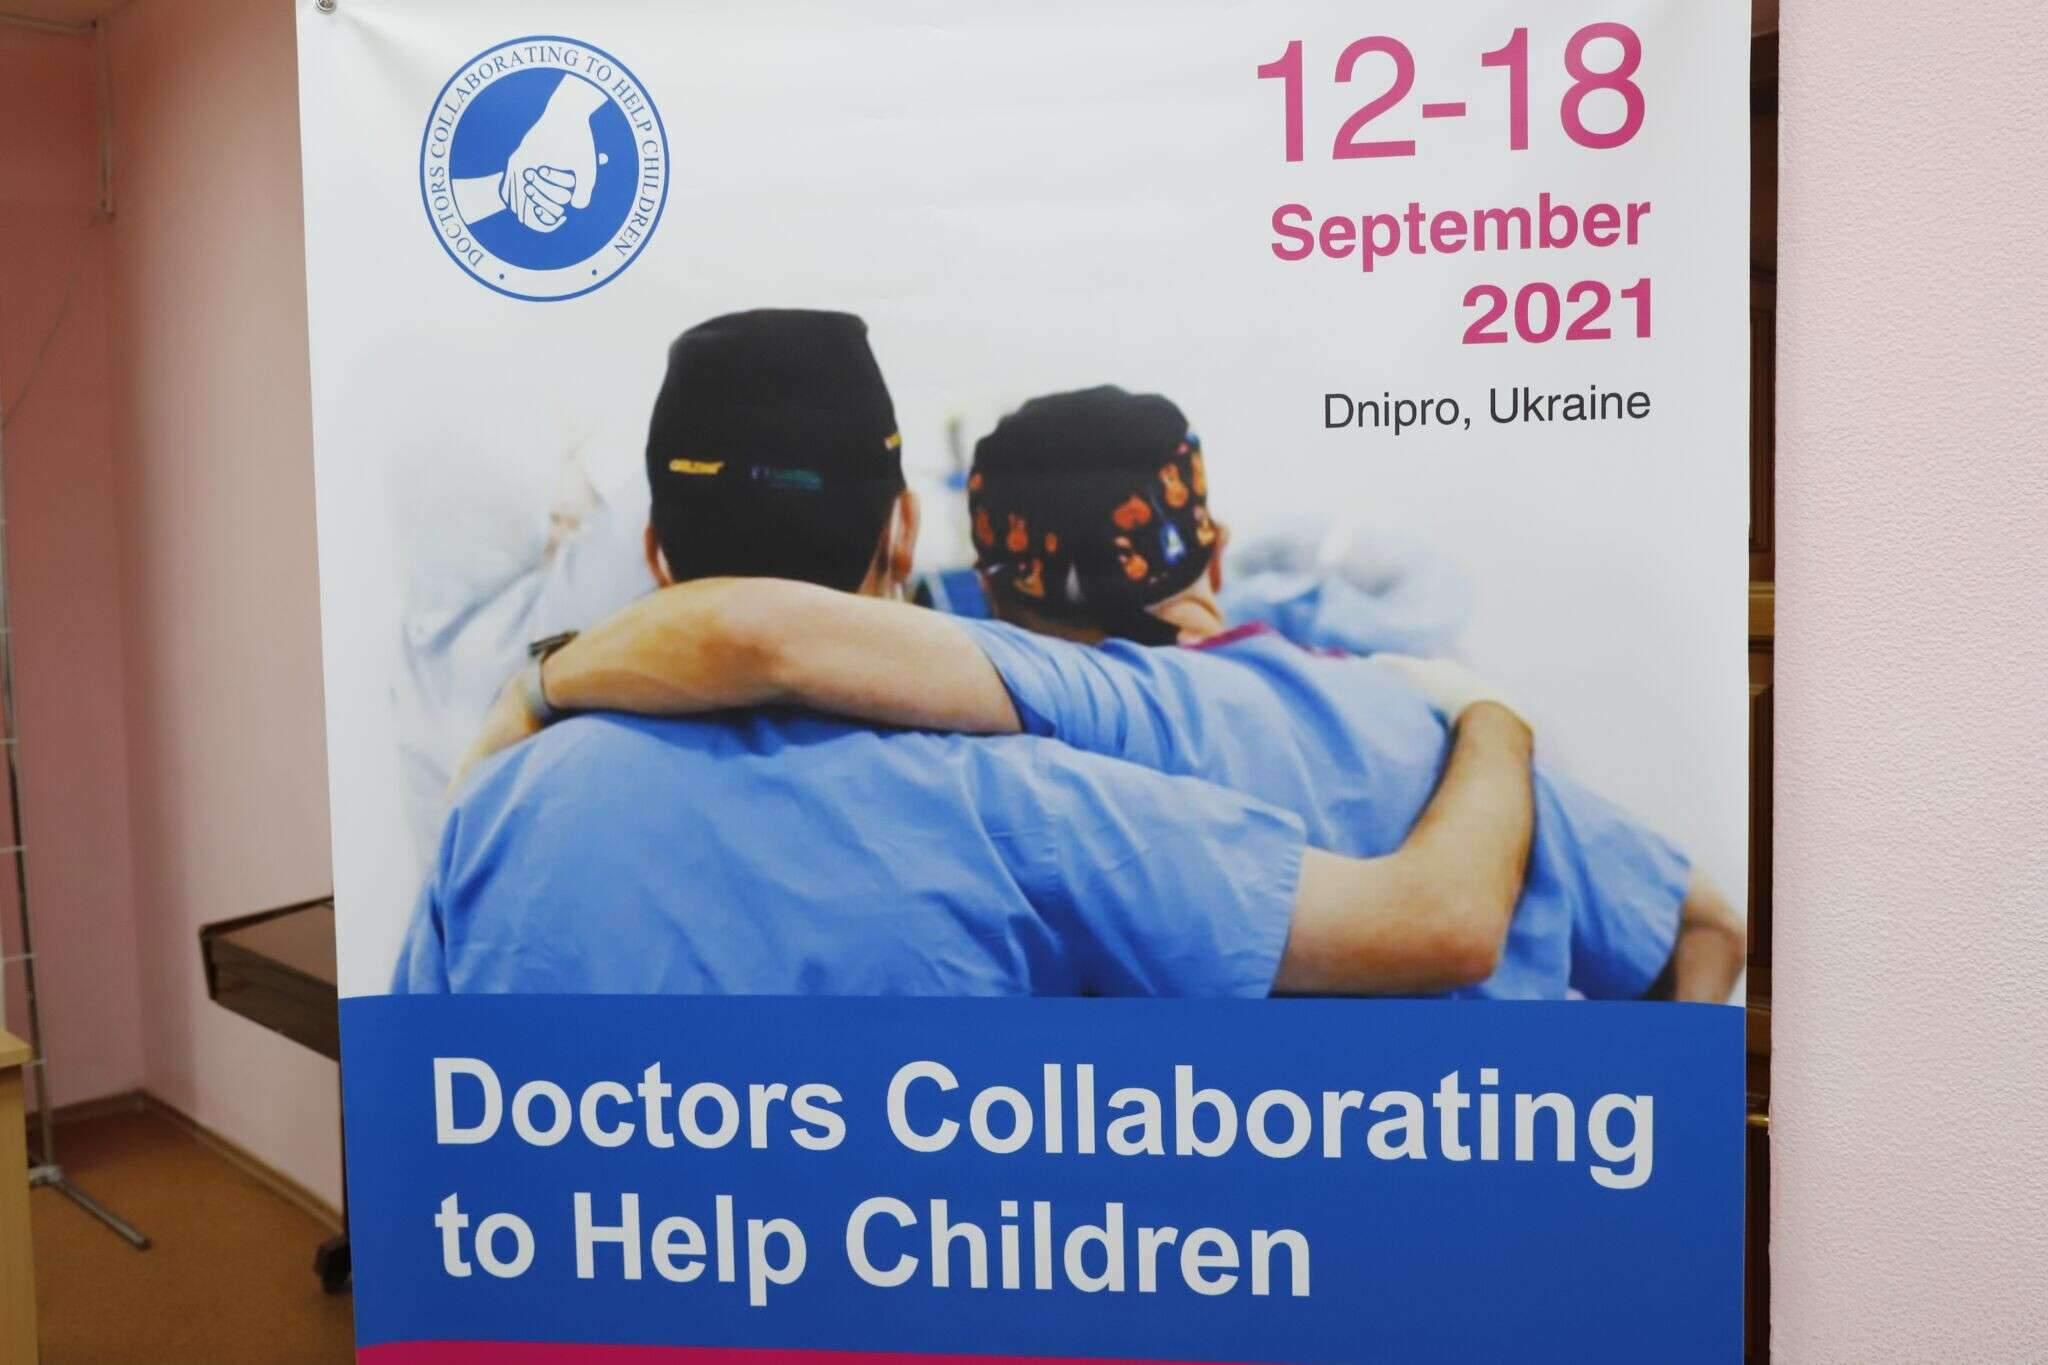 Безкоштовно Американські лікарі Оперують Дітей Опіки Лікарня Дніпра 27 серпня 2021